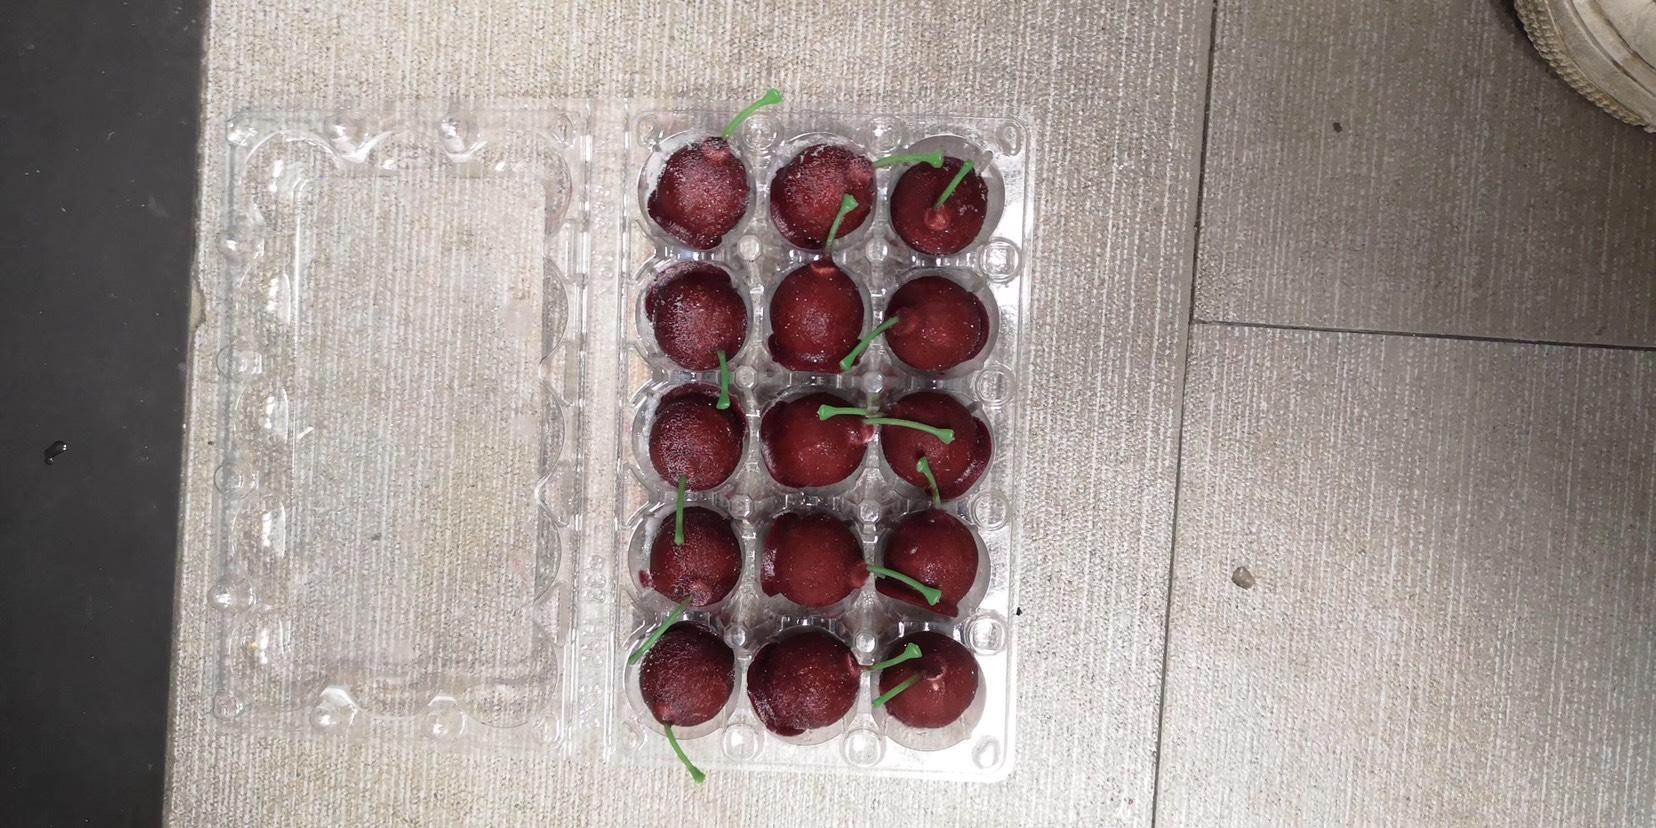 [鹅肥肝批发]鹅肥肝 樱桃鹅肝价格4元/个